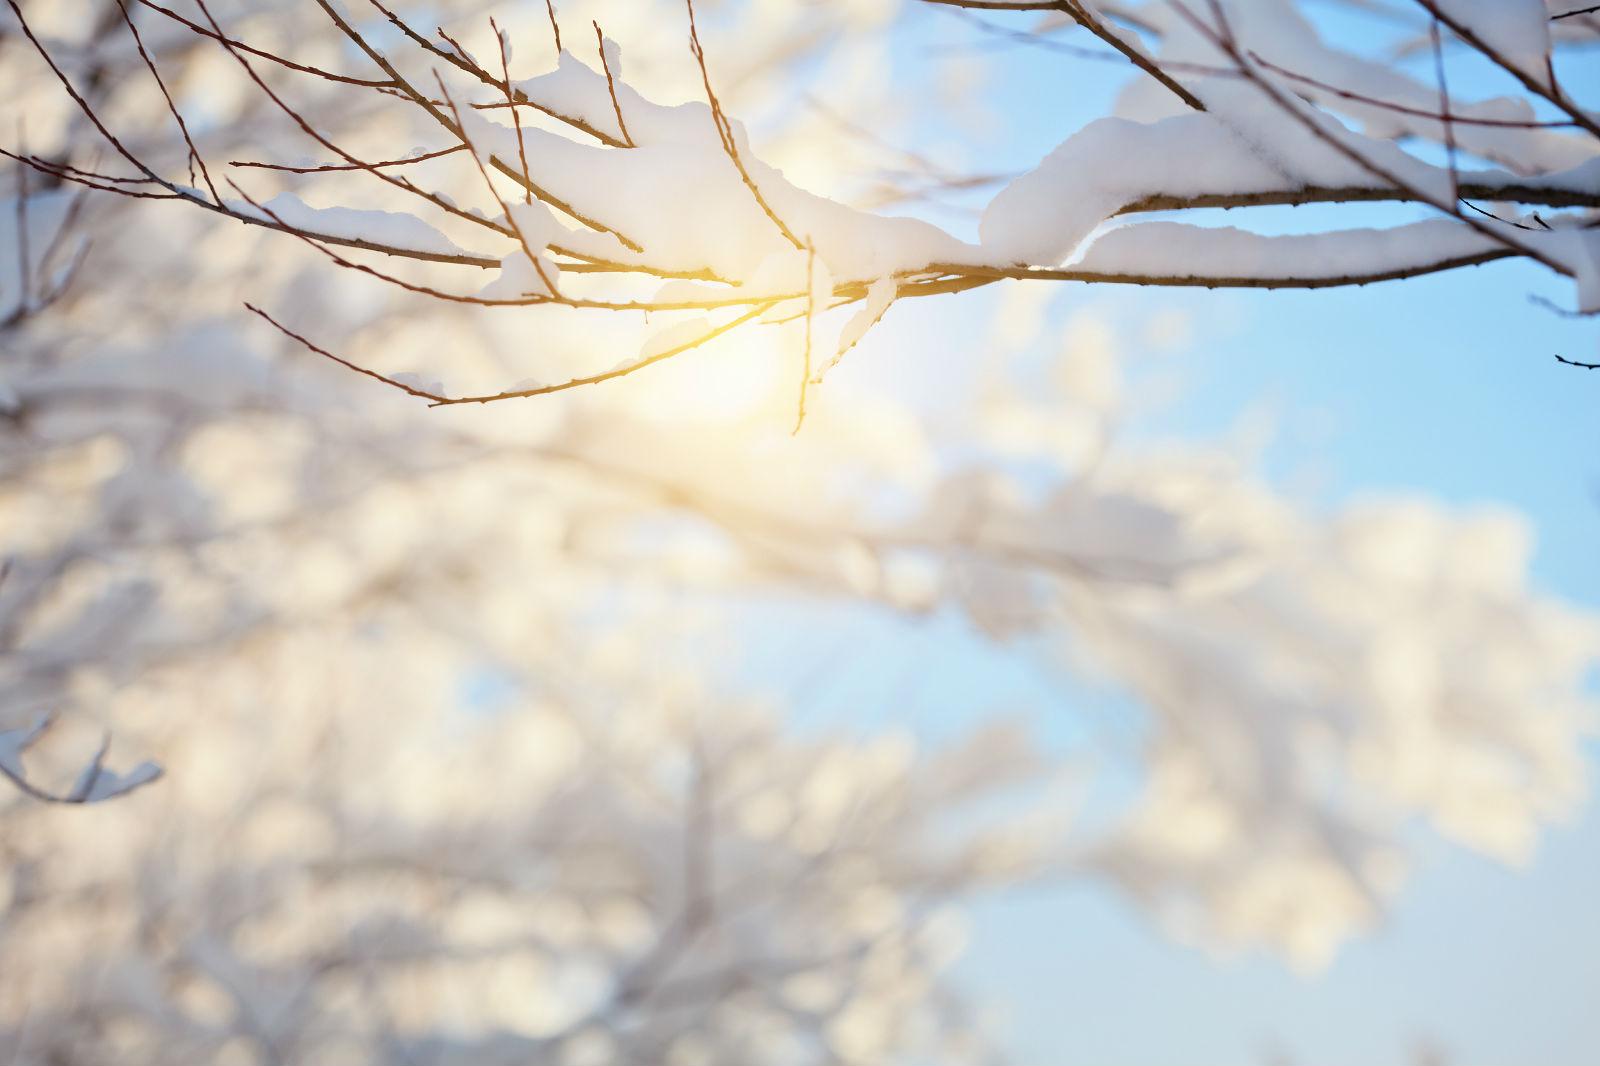 今日大雪!防寒要得当 单纯补阳不可尝